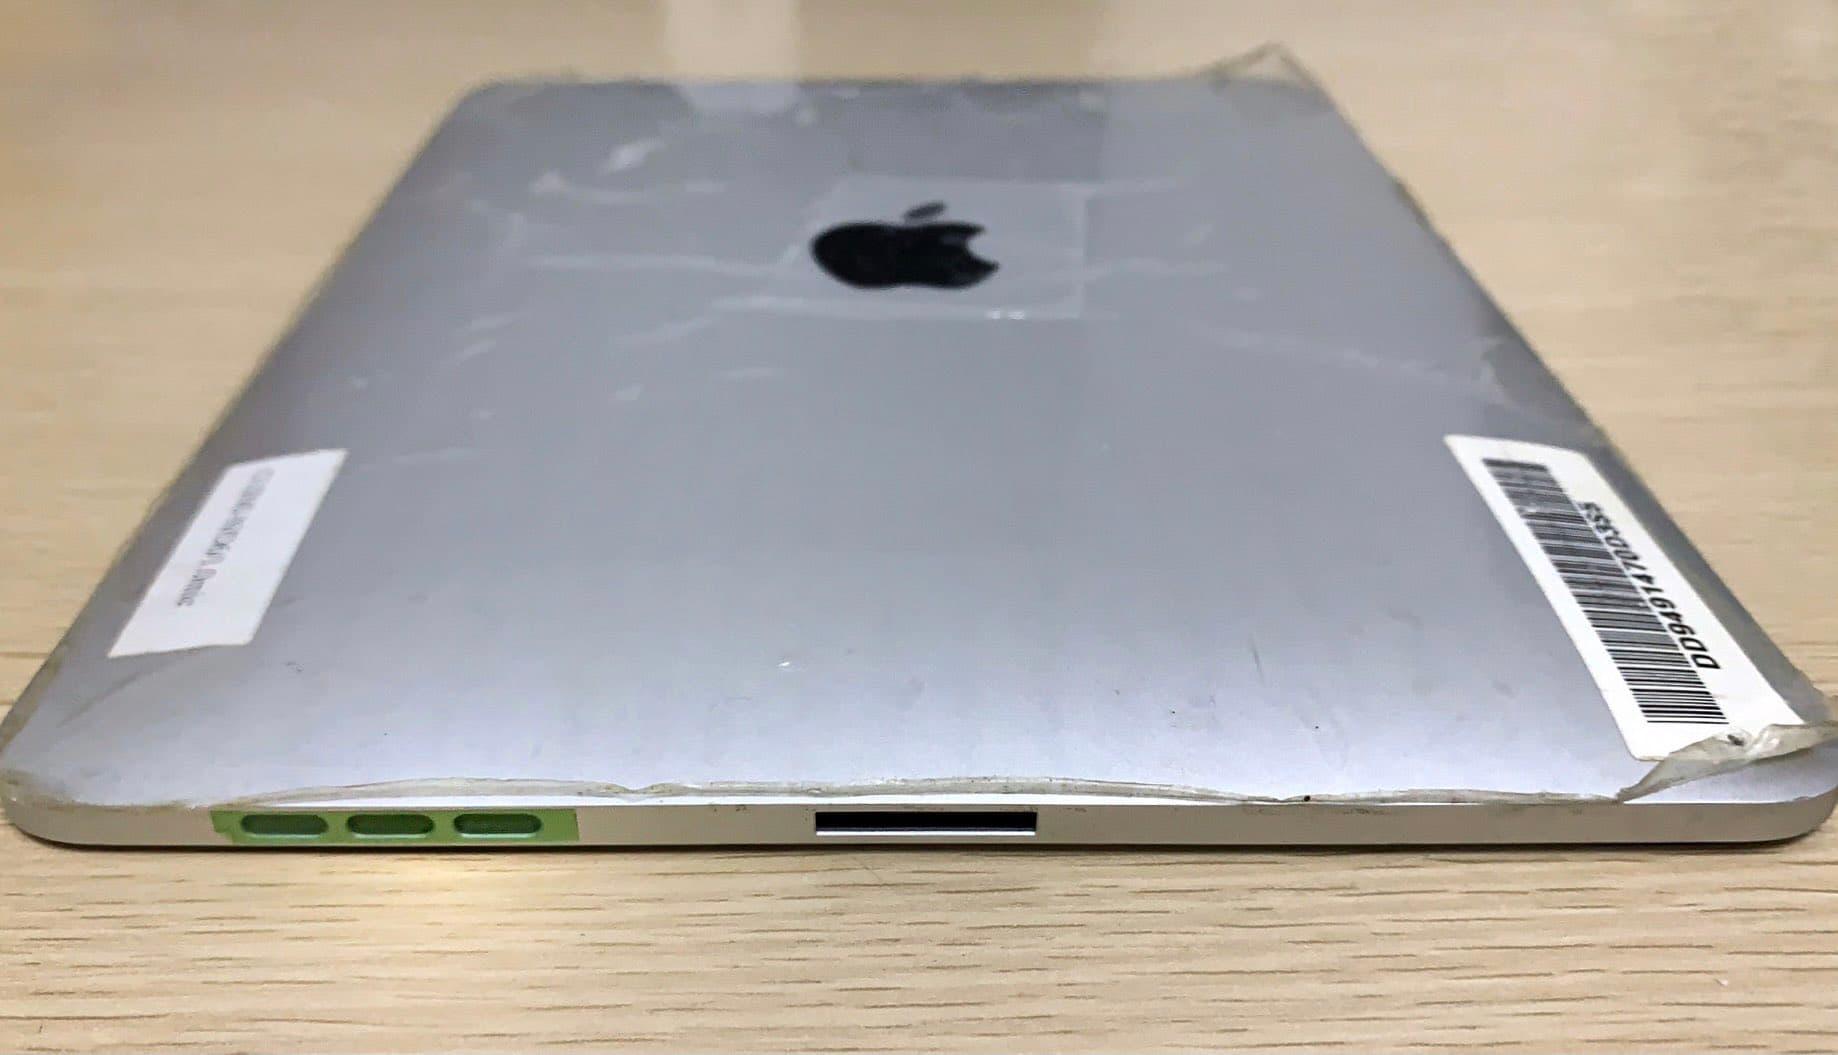 第一代iPad原型機曝光,證實蘋果曾考慮用雙充電孔設計